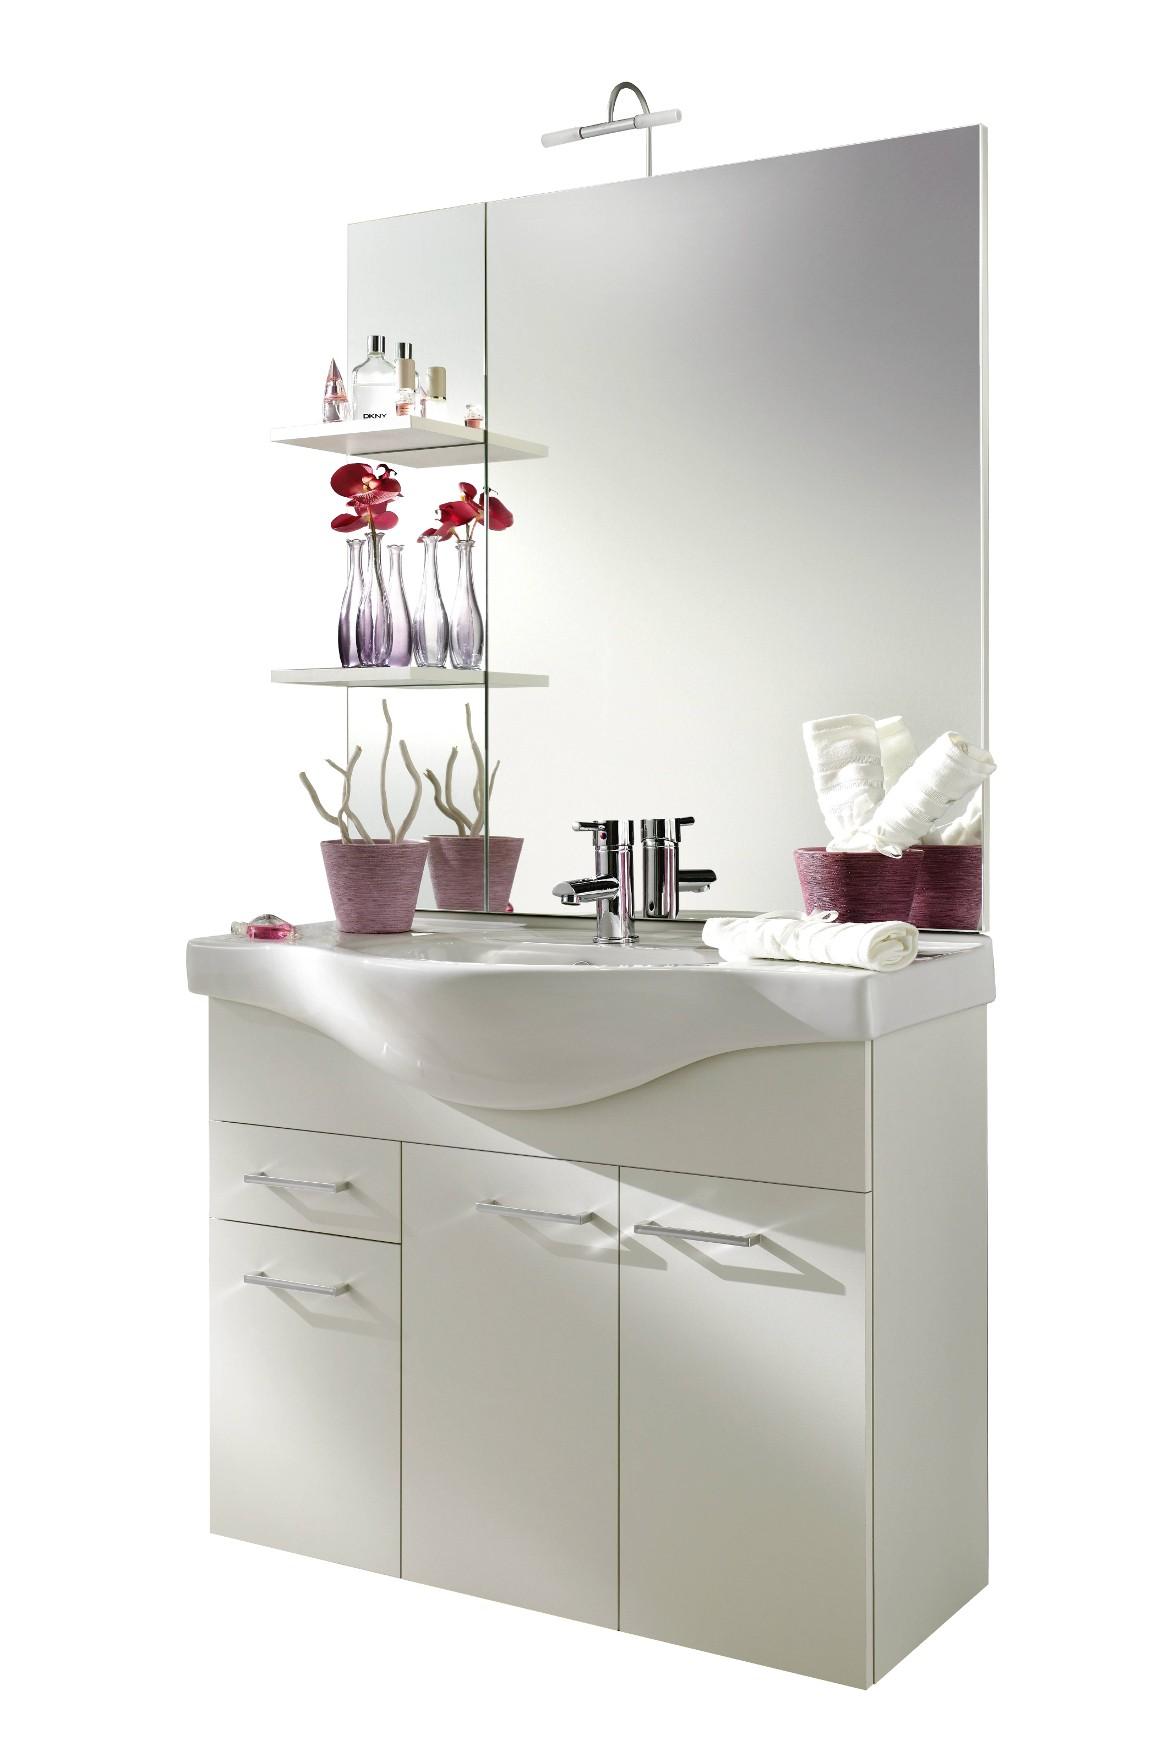 waschplatz adelano 6 teilig 89 cm breit wei bad badm belsets. Black Bedroom Furniture Sets. Home Design Ideas